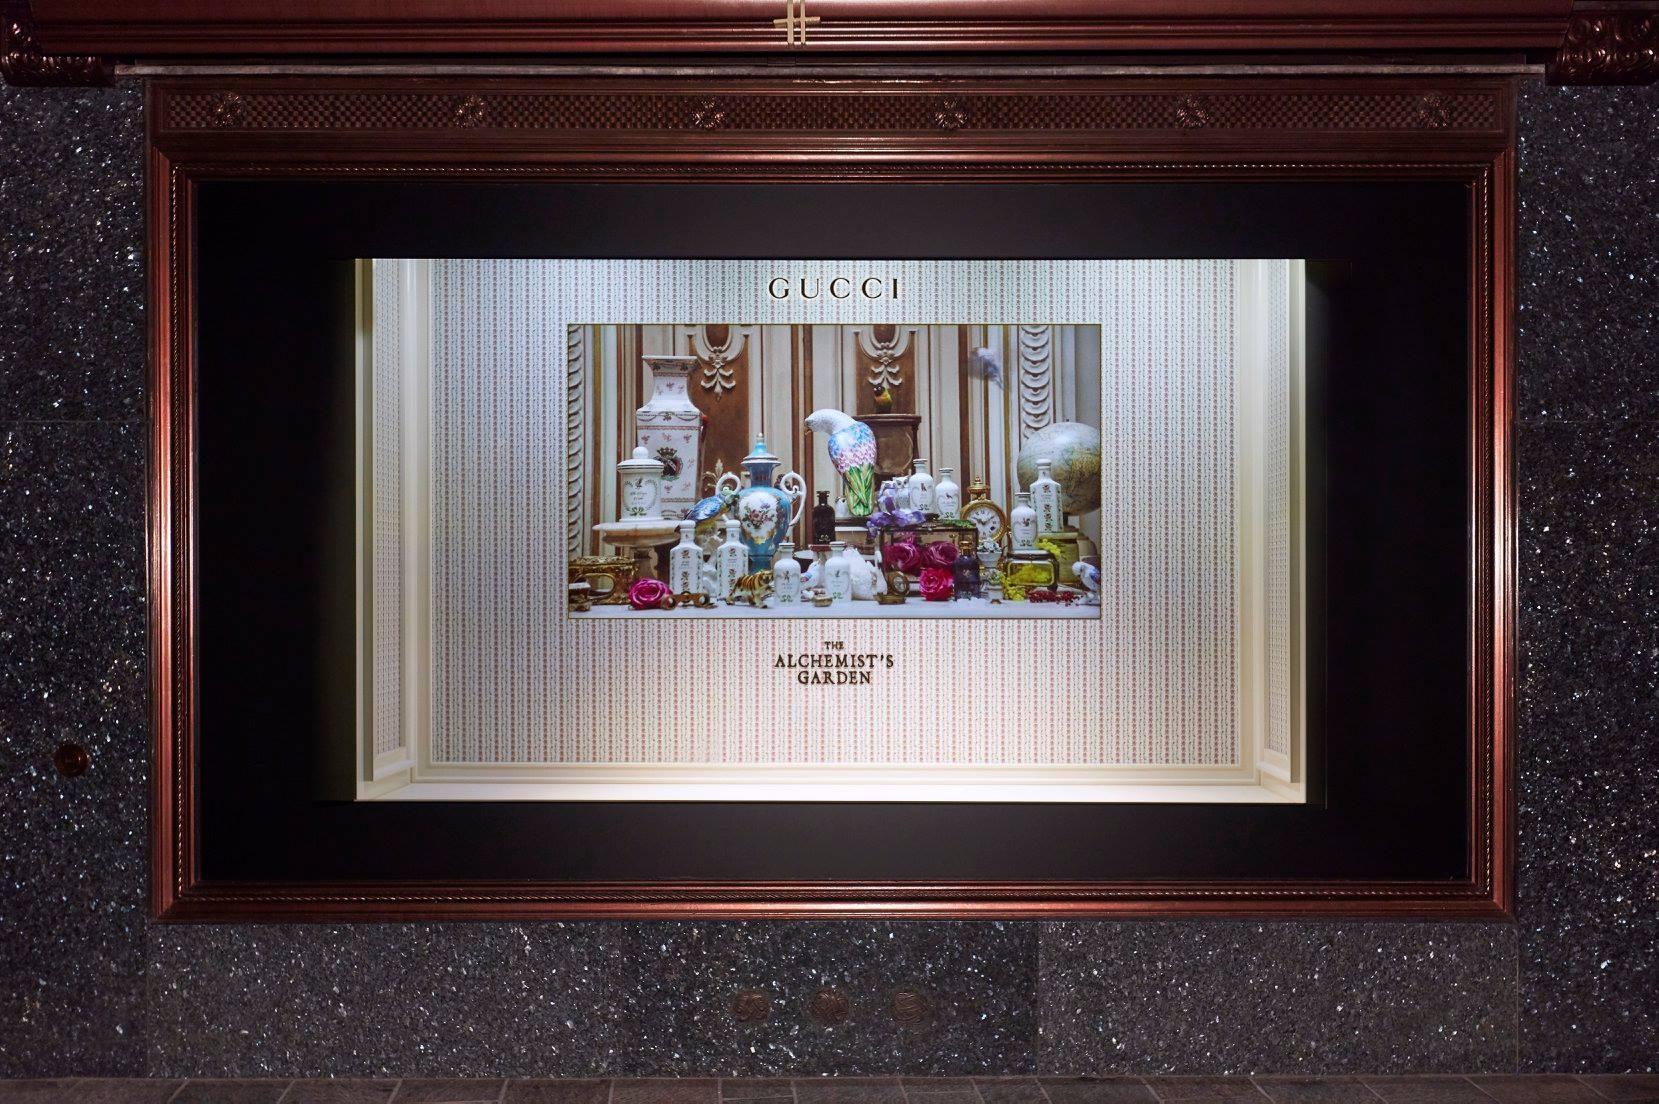 Gucci shop window at Harrods - The Alchemist Garden